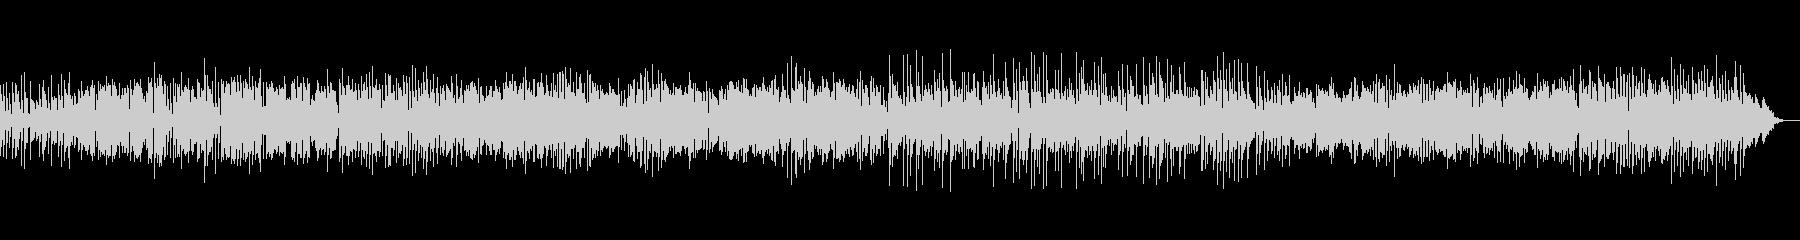 サックスの明るく軽快なボサノバジャズの未再生の波形